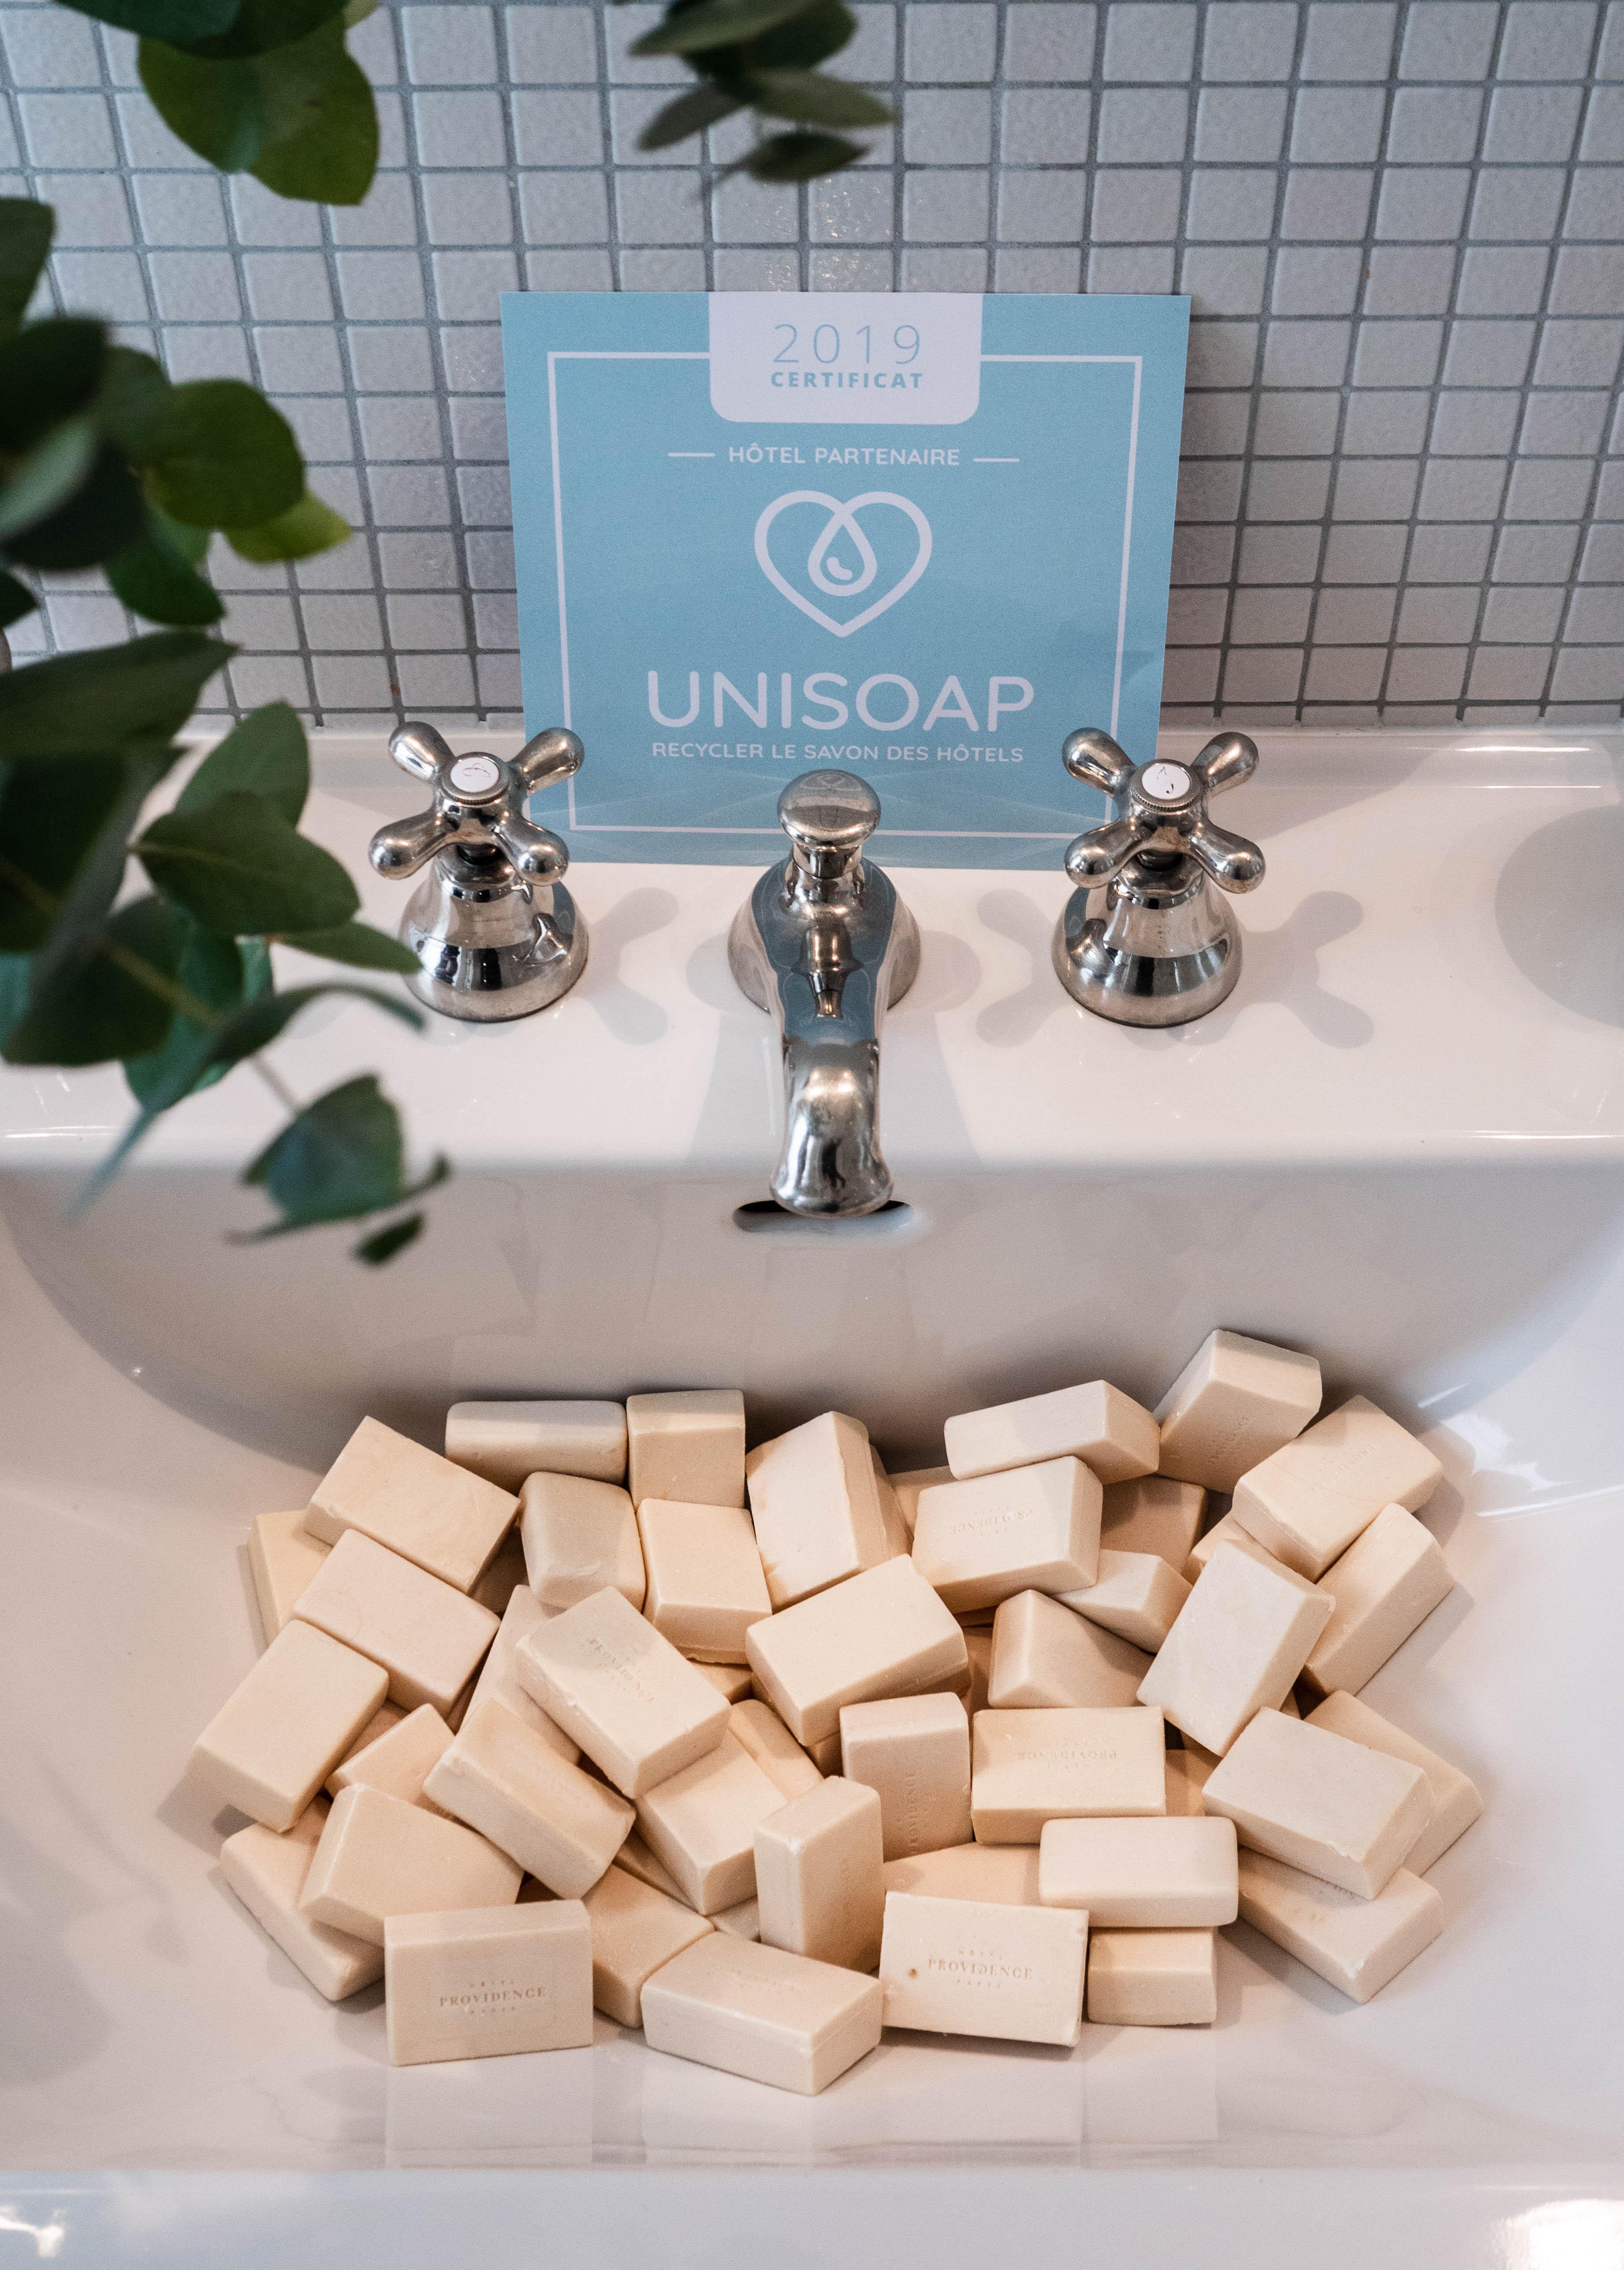 Unisoap : recycler les savons d'hôtel à des fins humanitaires